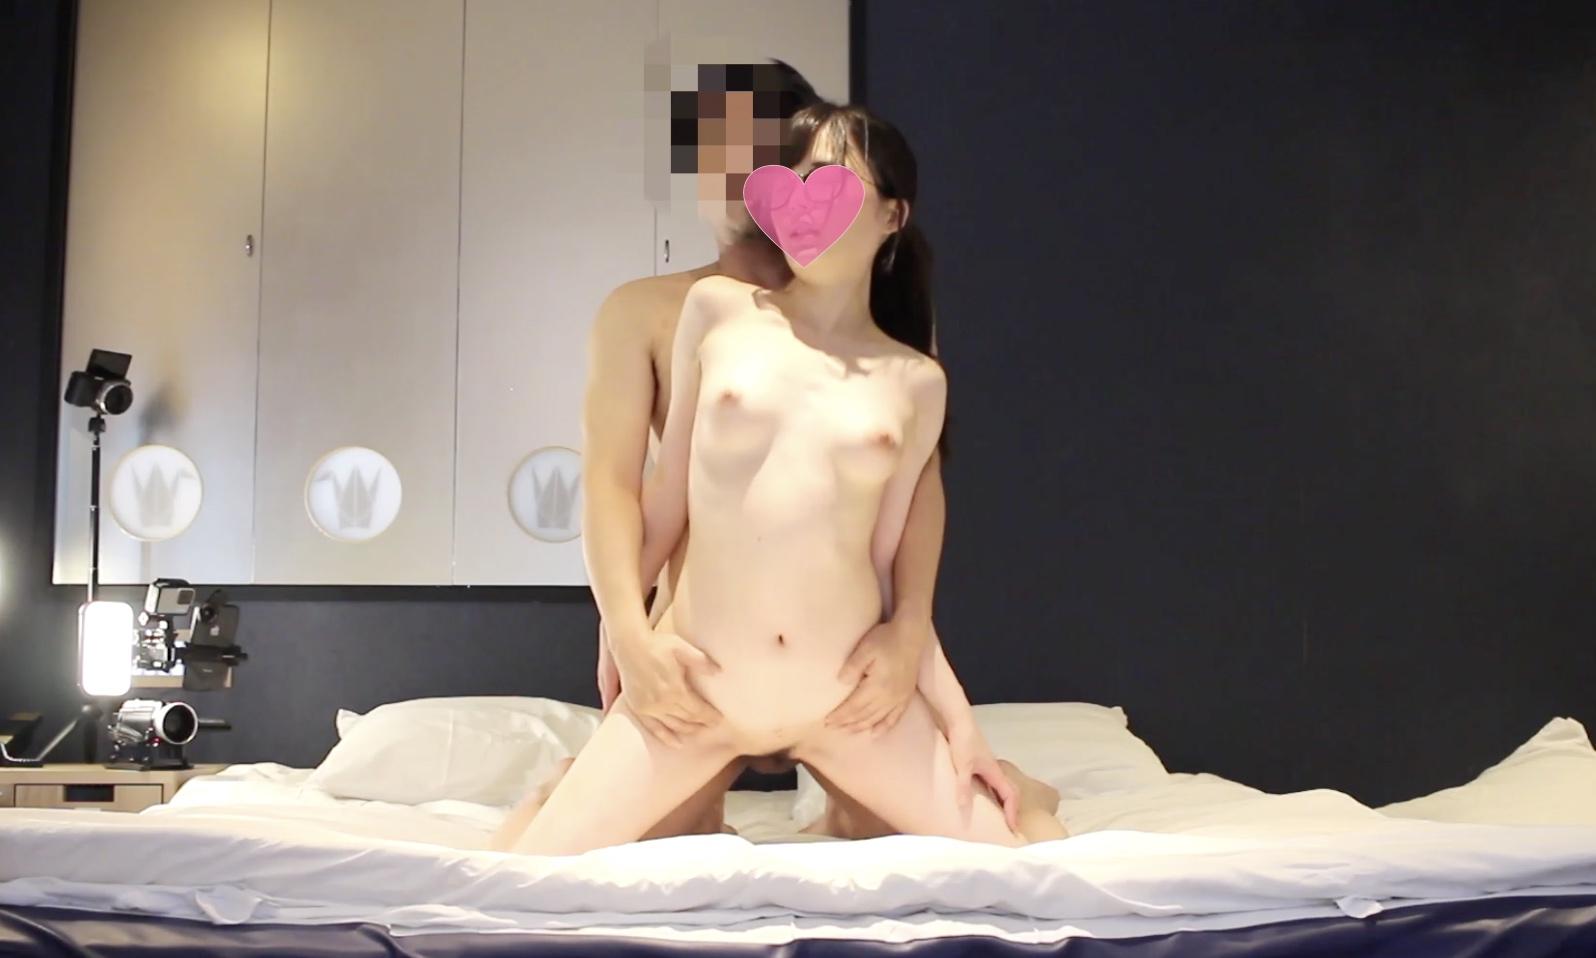 FC2 PPV 1516255 【数量限定2980pt→1980pt】美少女とお泊まり温泉❤️イチャLOVE混浴フェラ❤️ベットに移動してたっぷりピンク乳首舐め ❤️いろんな体位とアングルで生中出し 購入特典あり